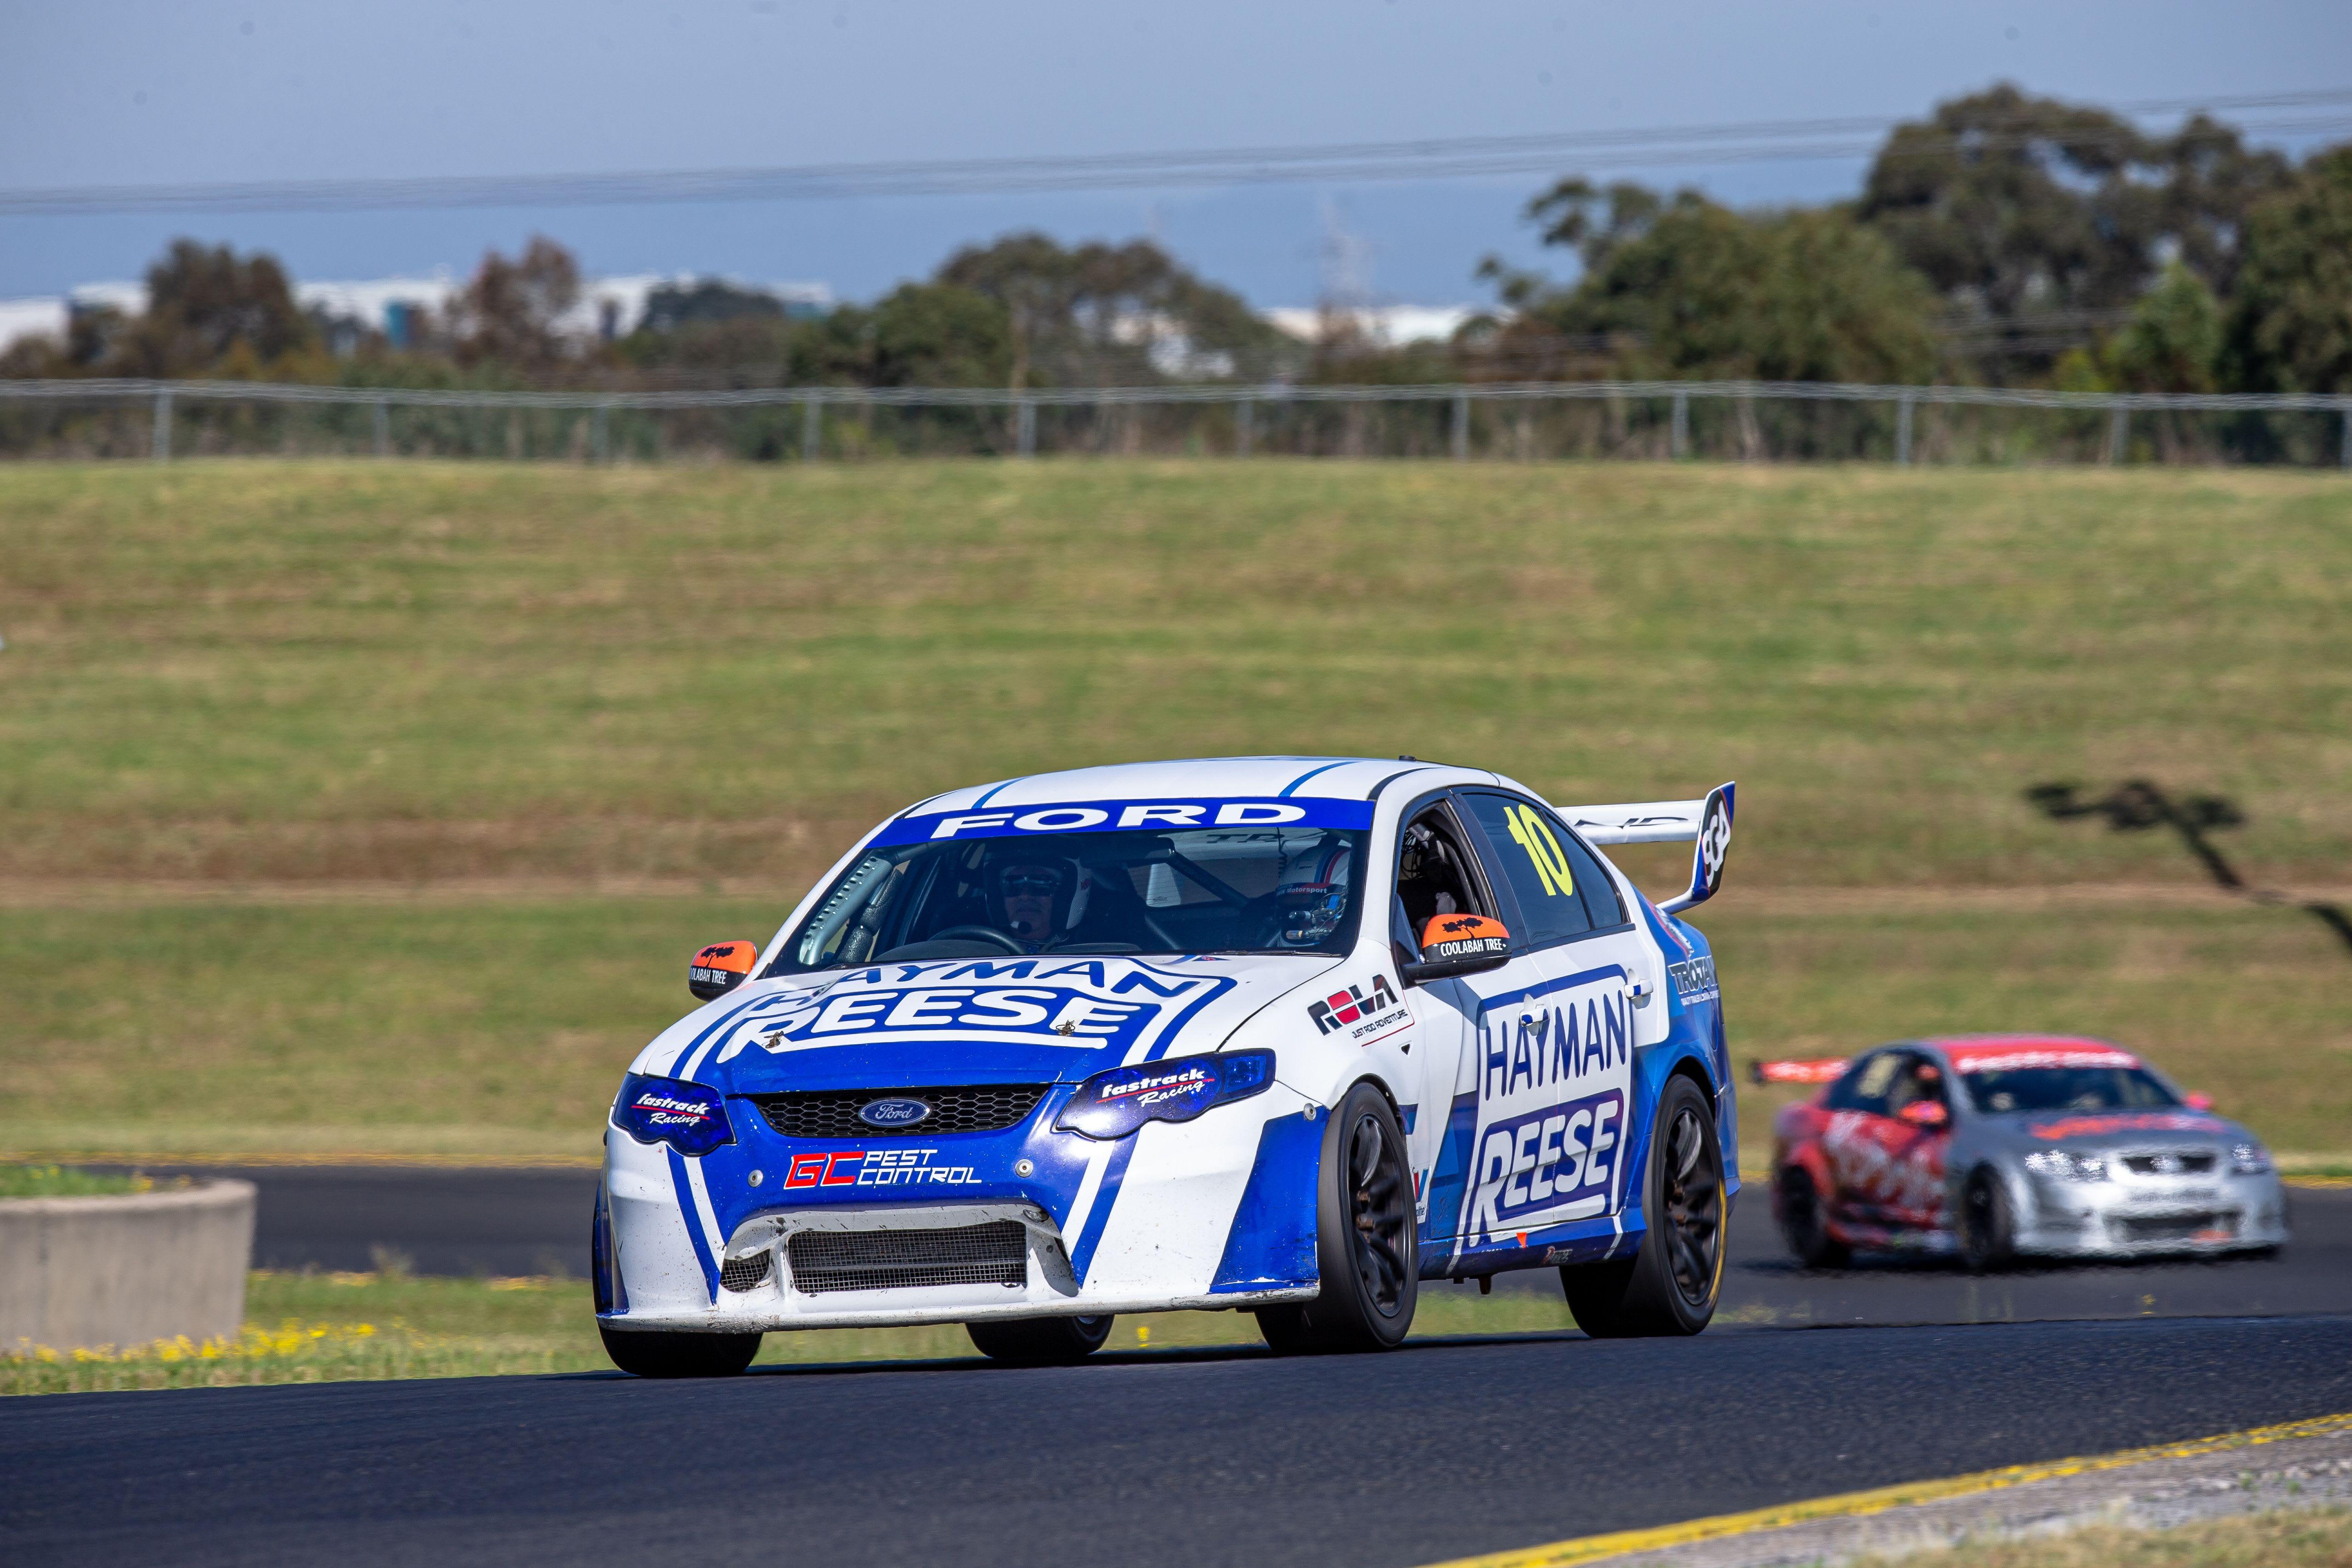 V8 Race Car 4 Lap Drive - Mallala, Adelaide